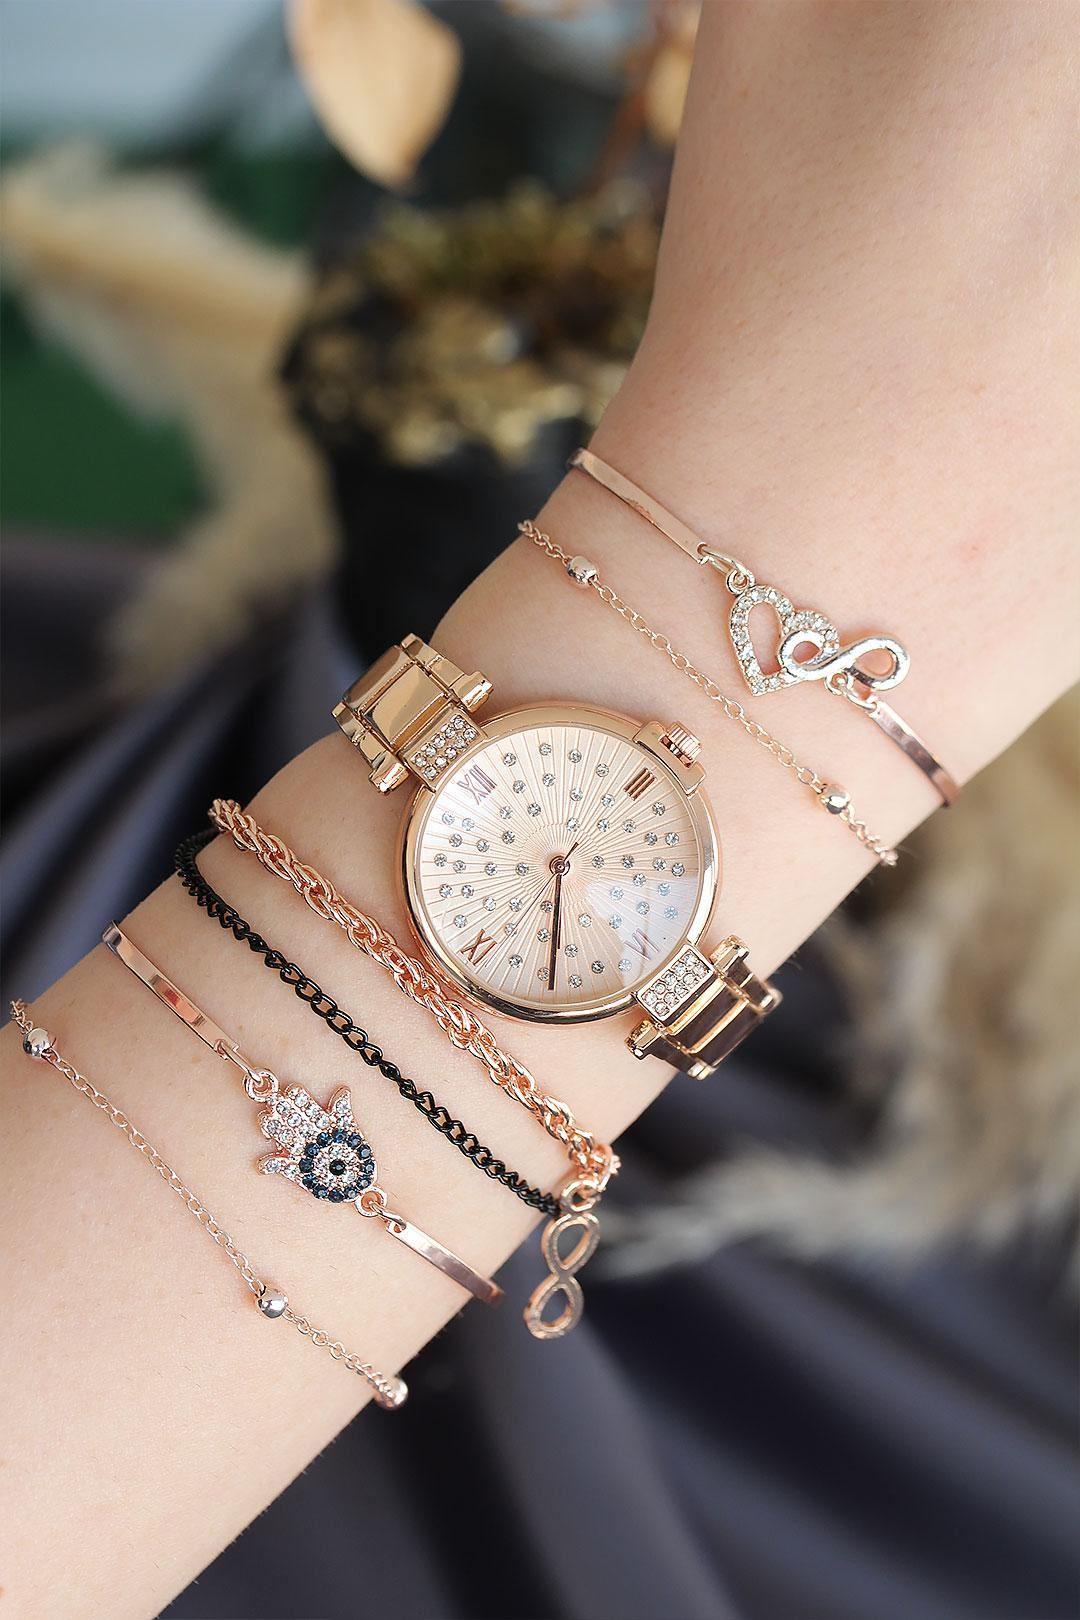 Roma Rakamlı Rose Renk Metal Kasa Kadın Saat ve Bileklik Kombini